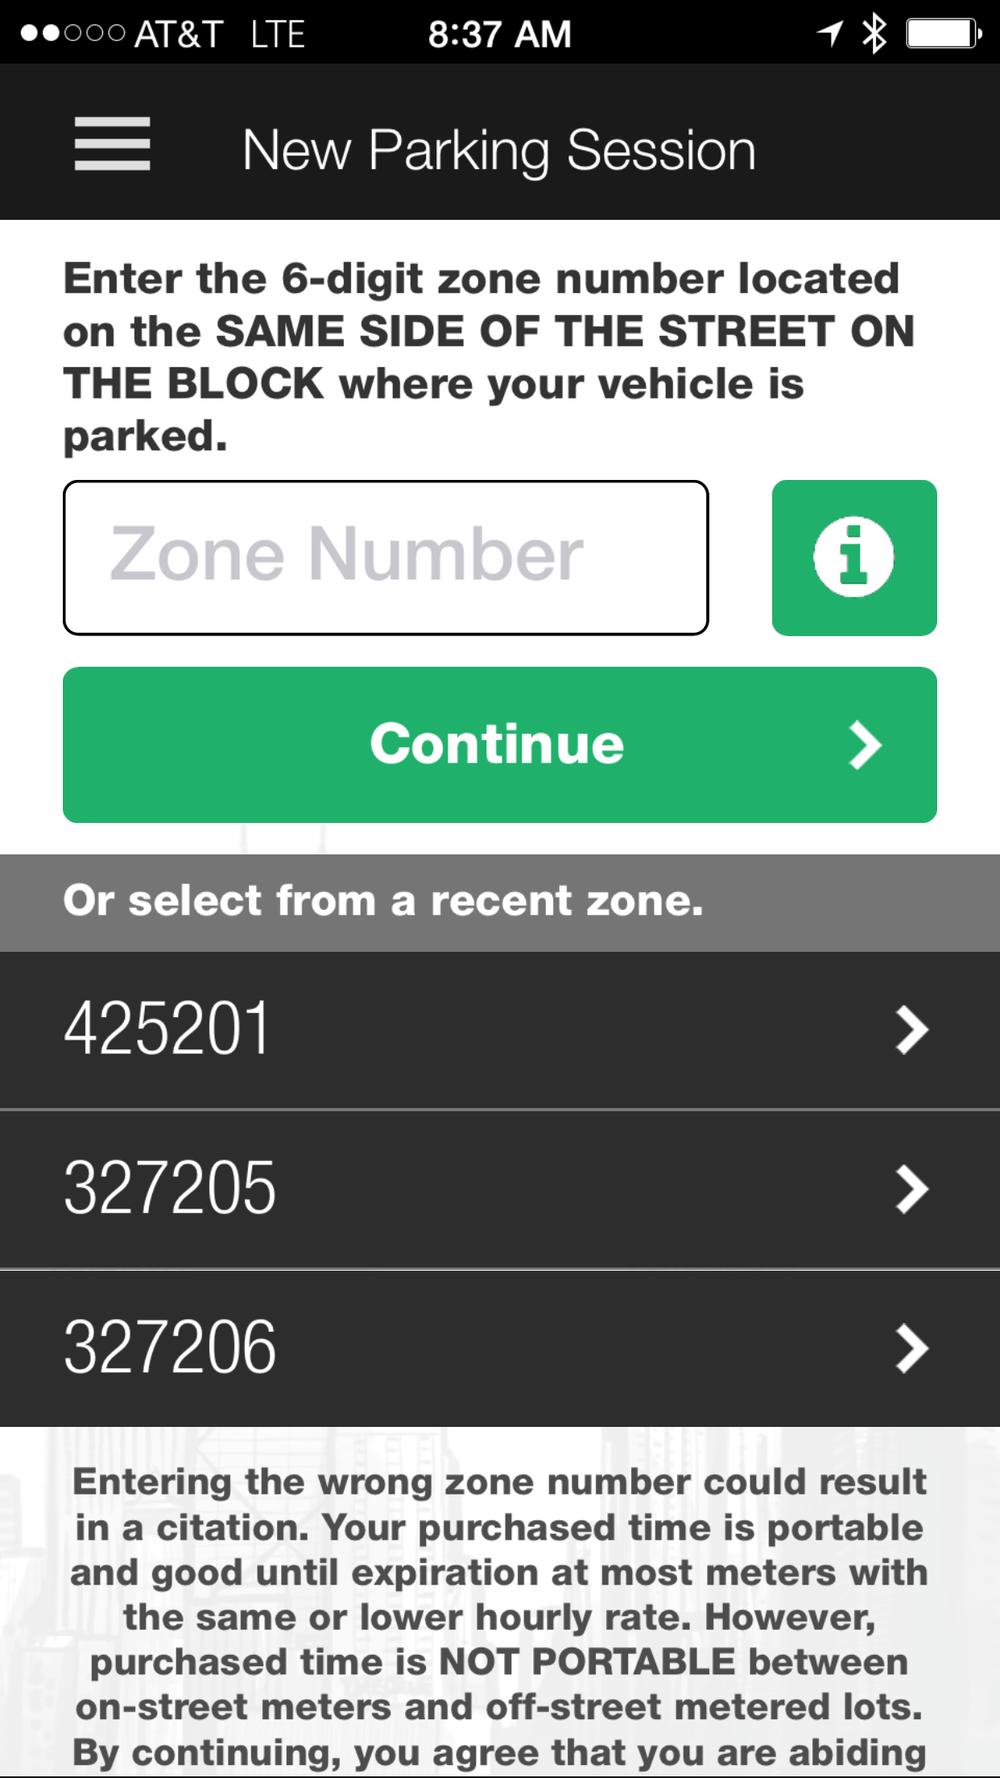 Current UI design of app